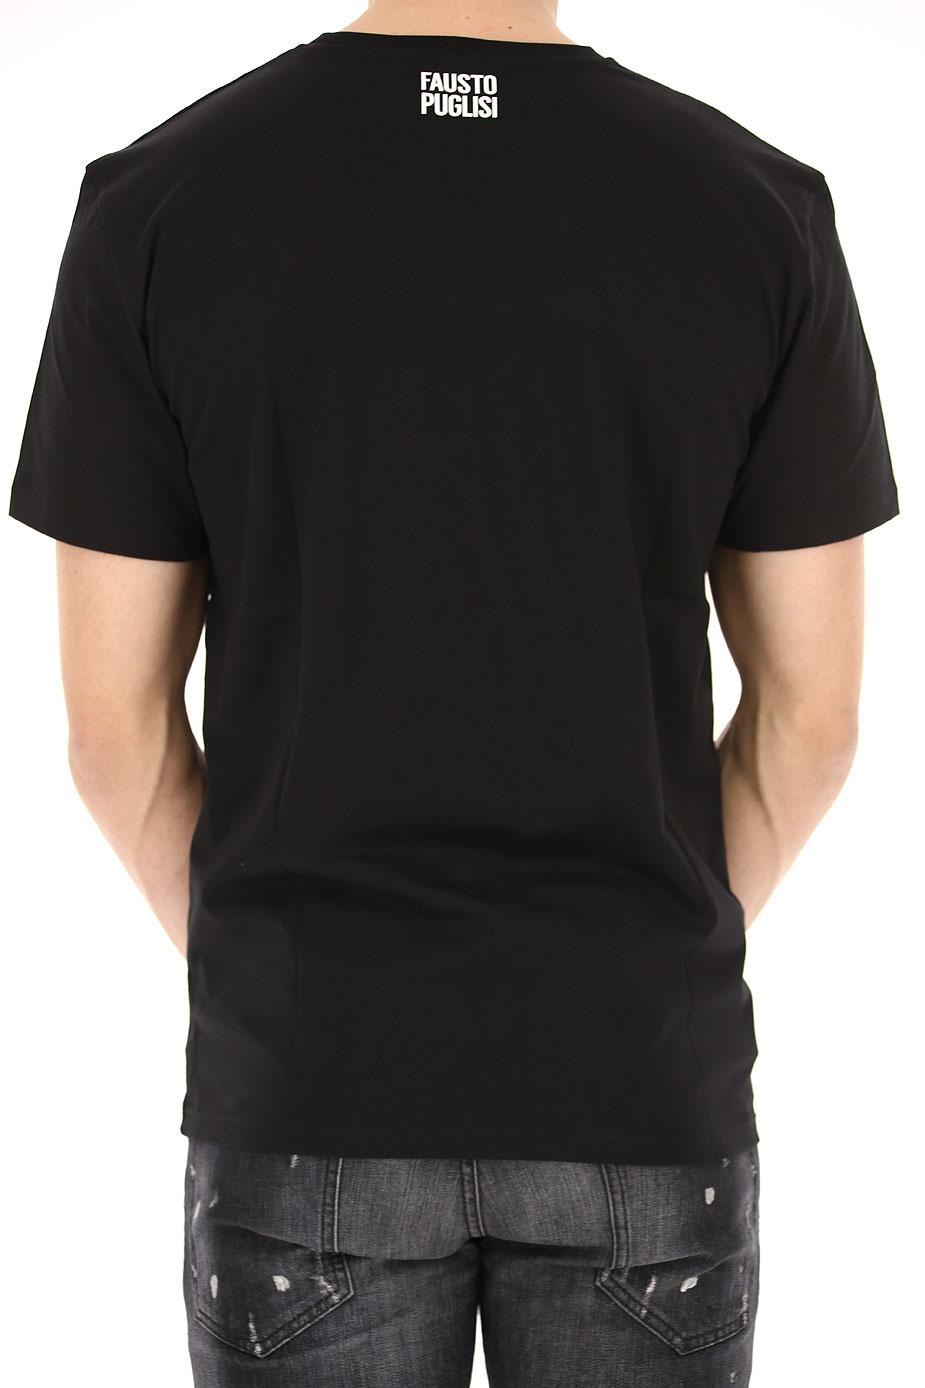 Puglisi Abbigliamento 999 Codice Abbigliamento Articolo Uomo pf0243 Fausto Uomo xfqI5ZI8